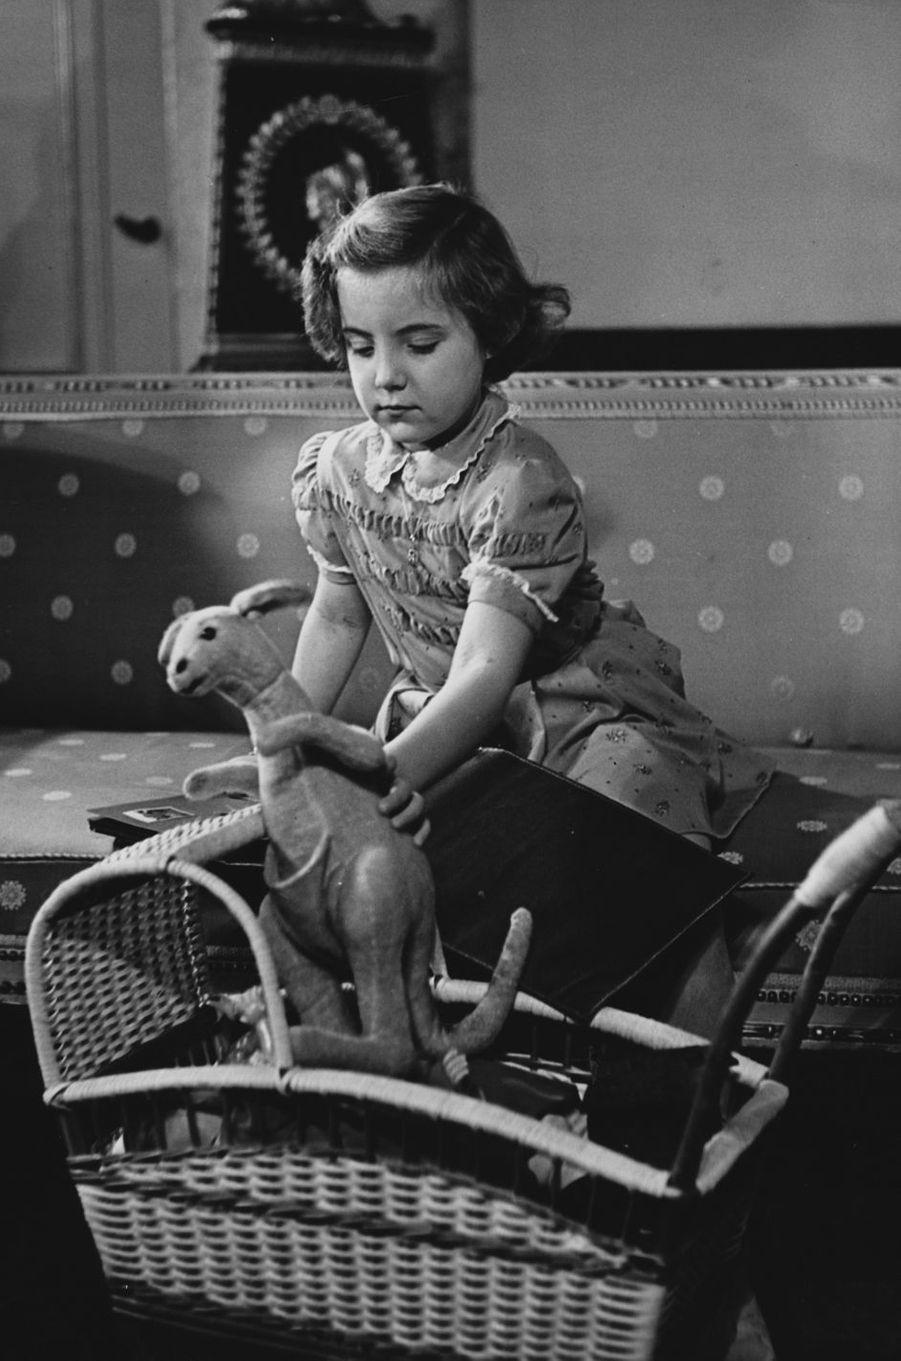 La princesse Margriet des Pays-Bas, photo de ses 5 ans en 1948